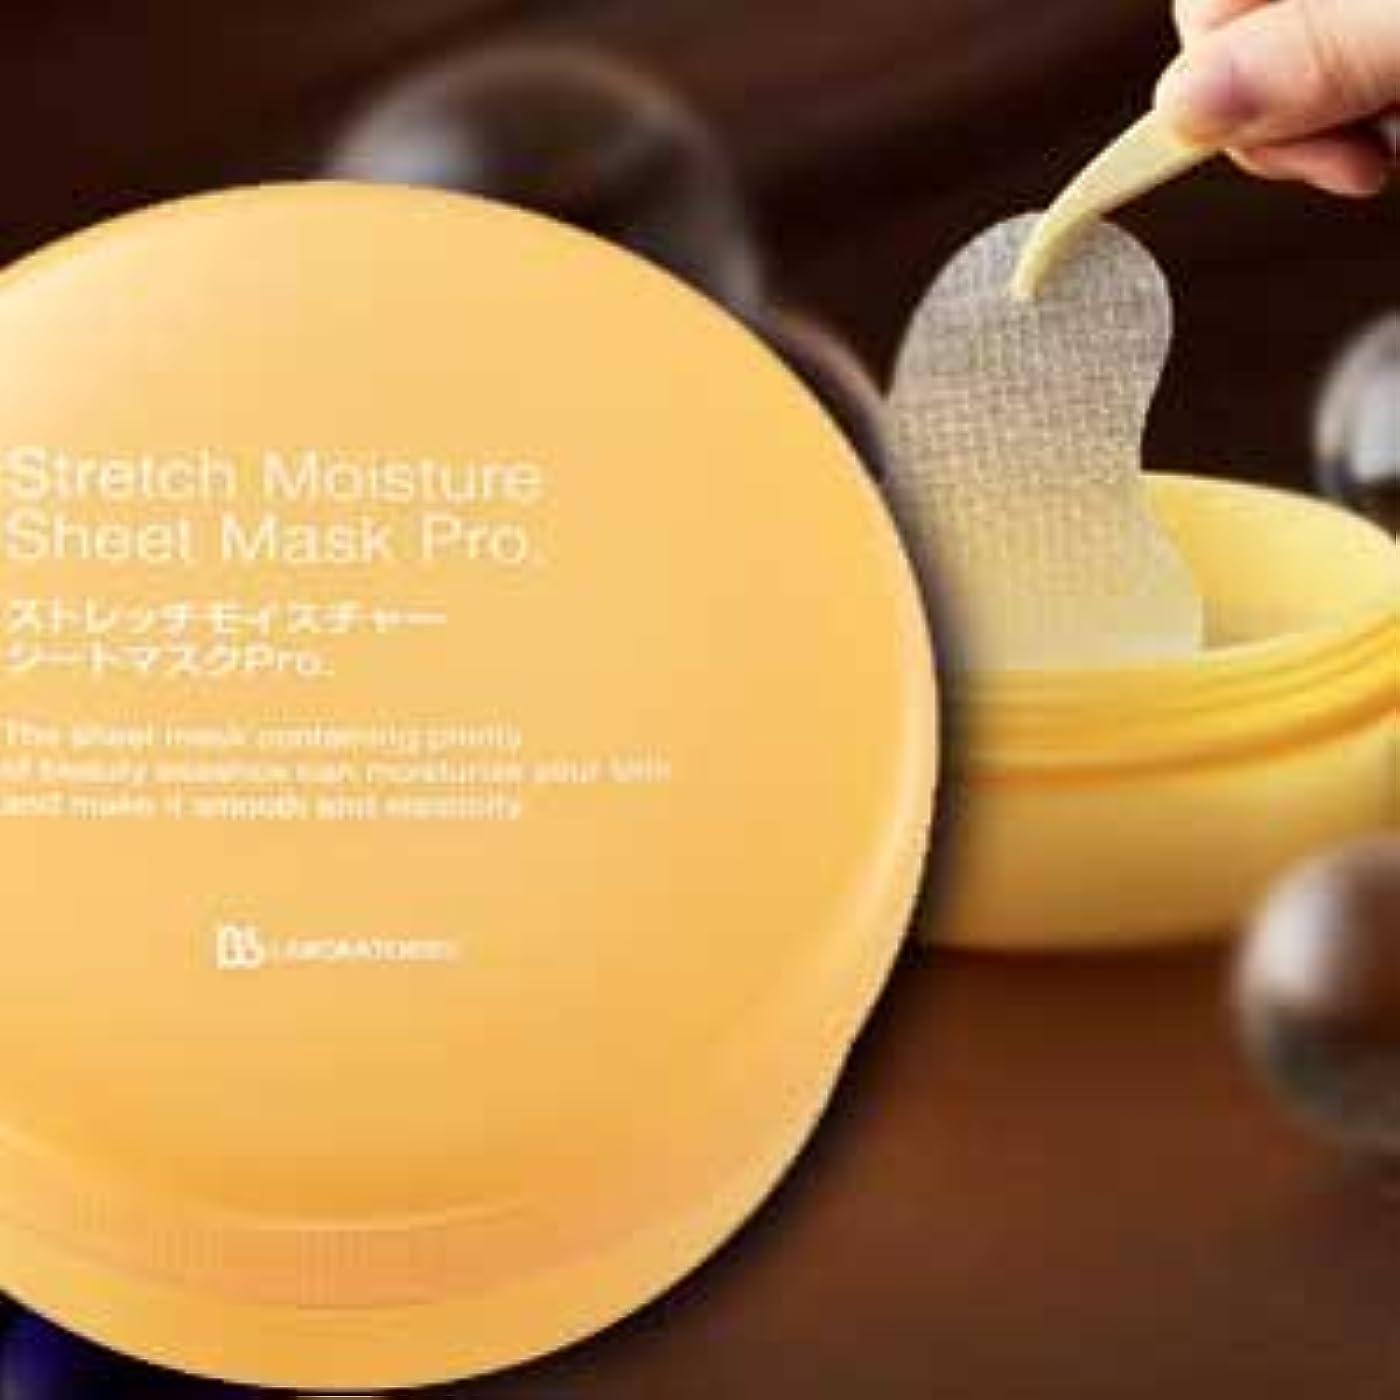 大陸株式香港Bbラボラトリーズ ストレッチモイスチャーシートマスク Pro.60枚